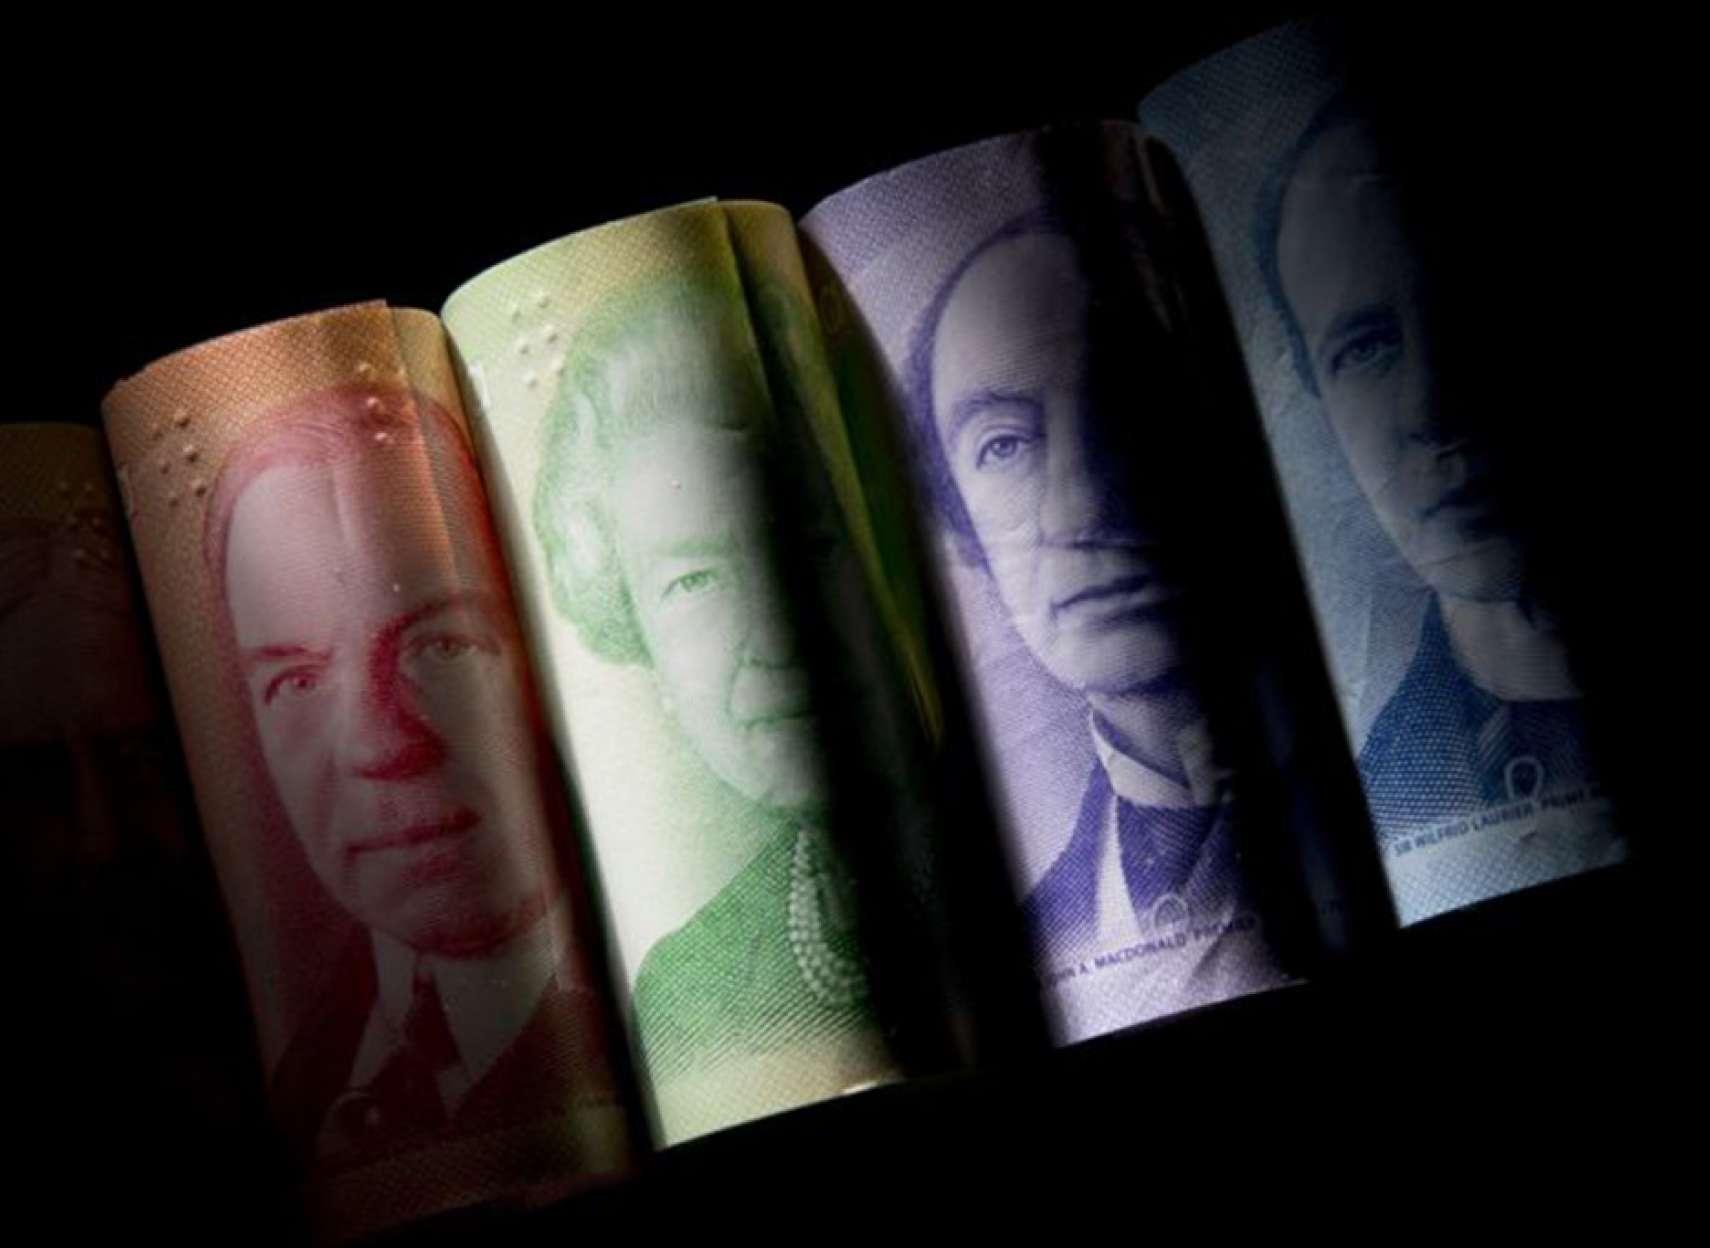 اخبار-کانادا-خارج-کانادا-دارایی-دارید-باید-فرم-پُر-کنید-تا-جریمه-نشوید